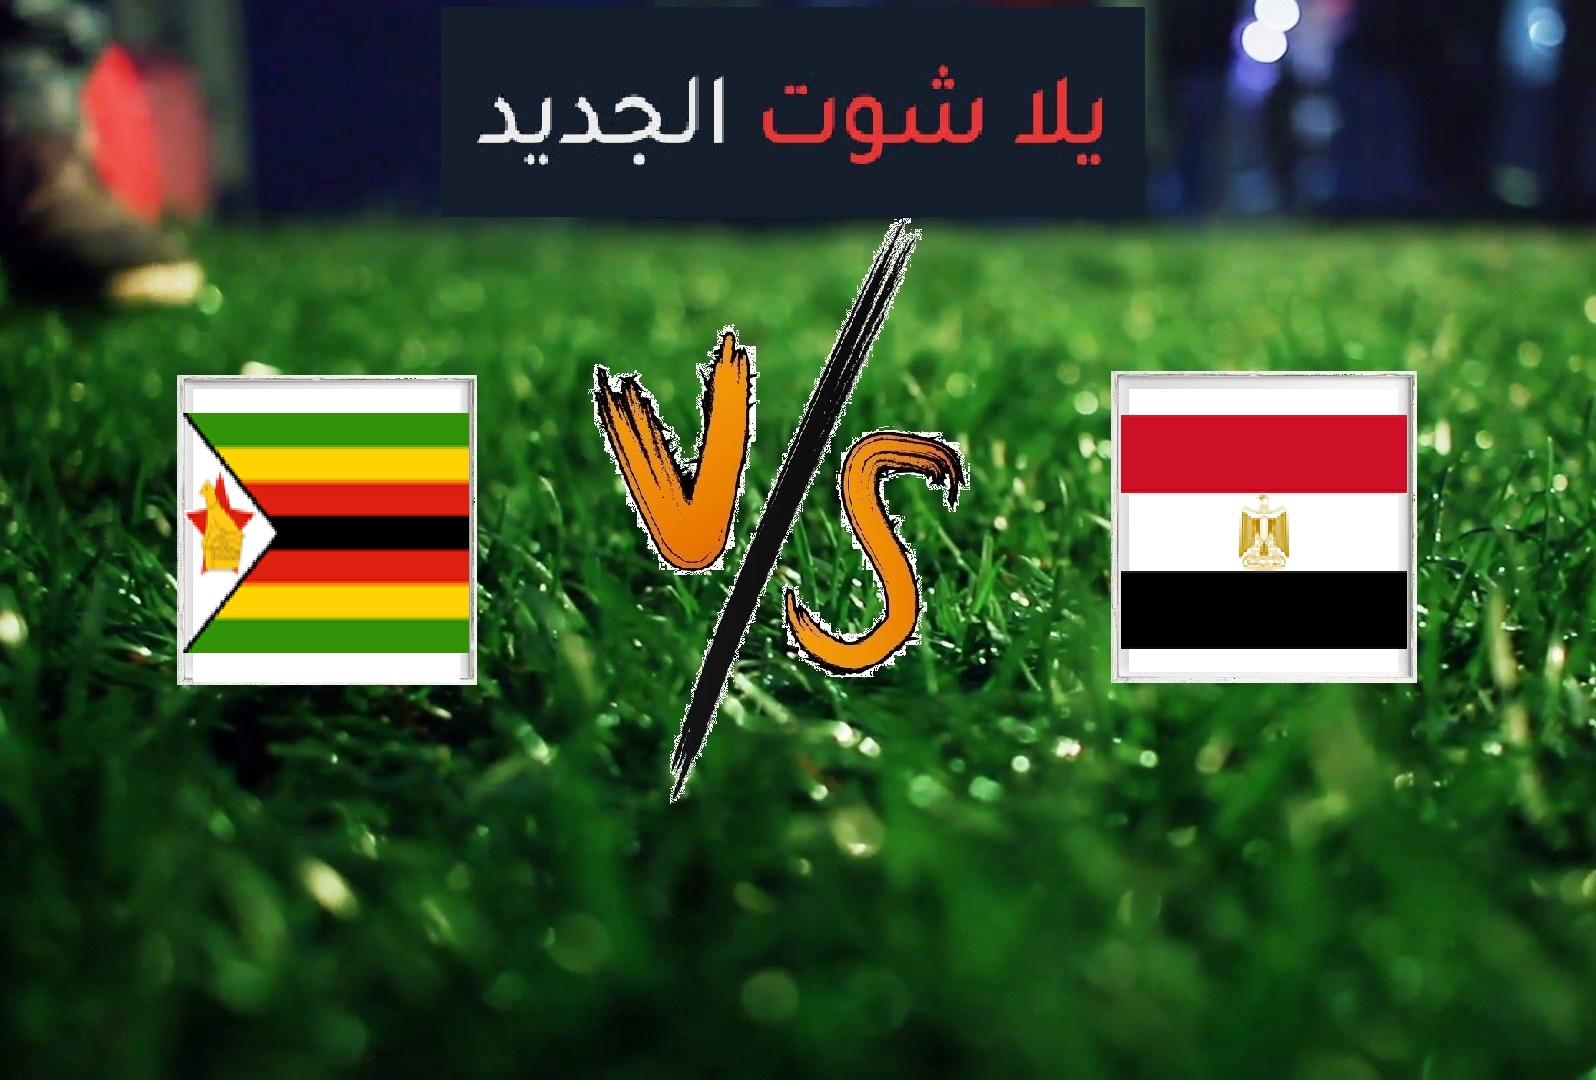 ملخص مباراة مصر وزيمبابوي بتاريخ 21-06-2019 كأس الأمم الأفريقية